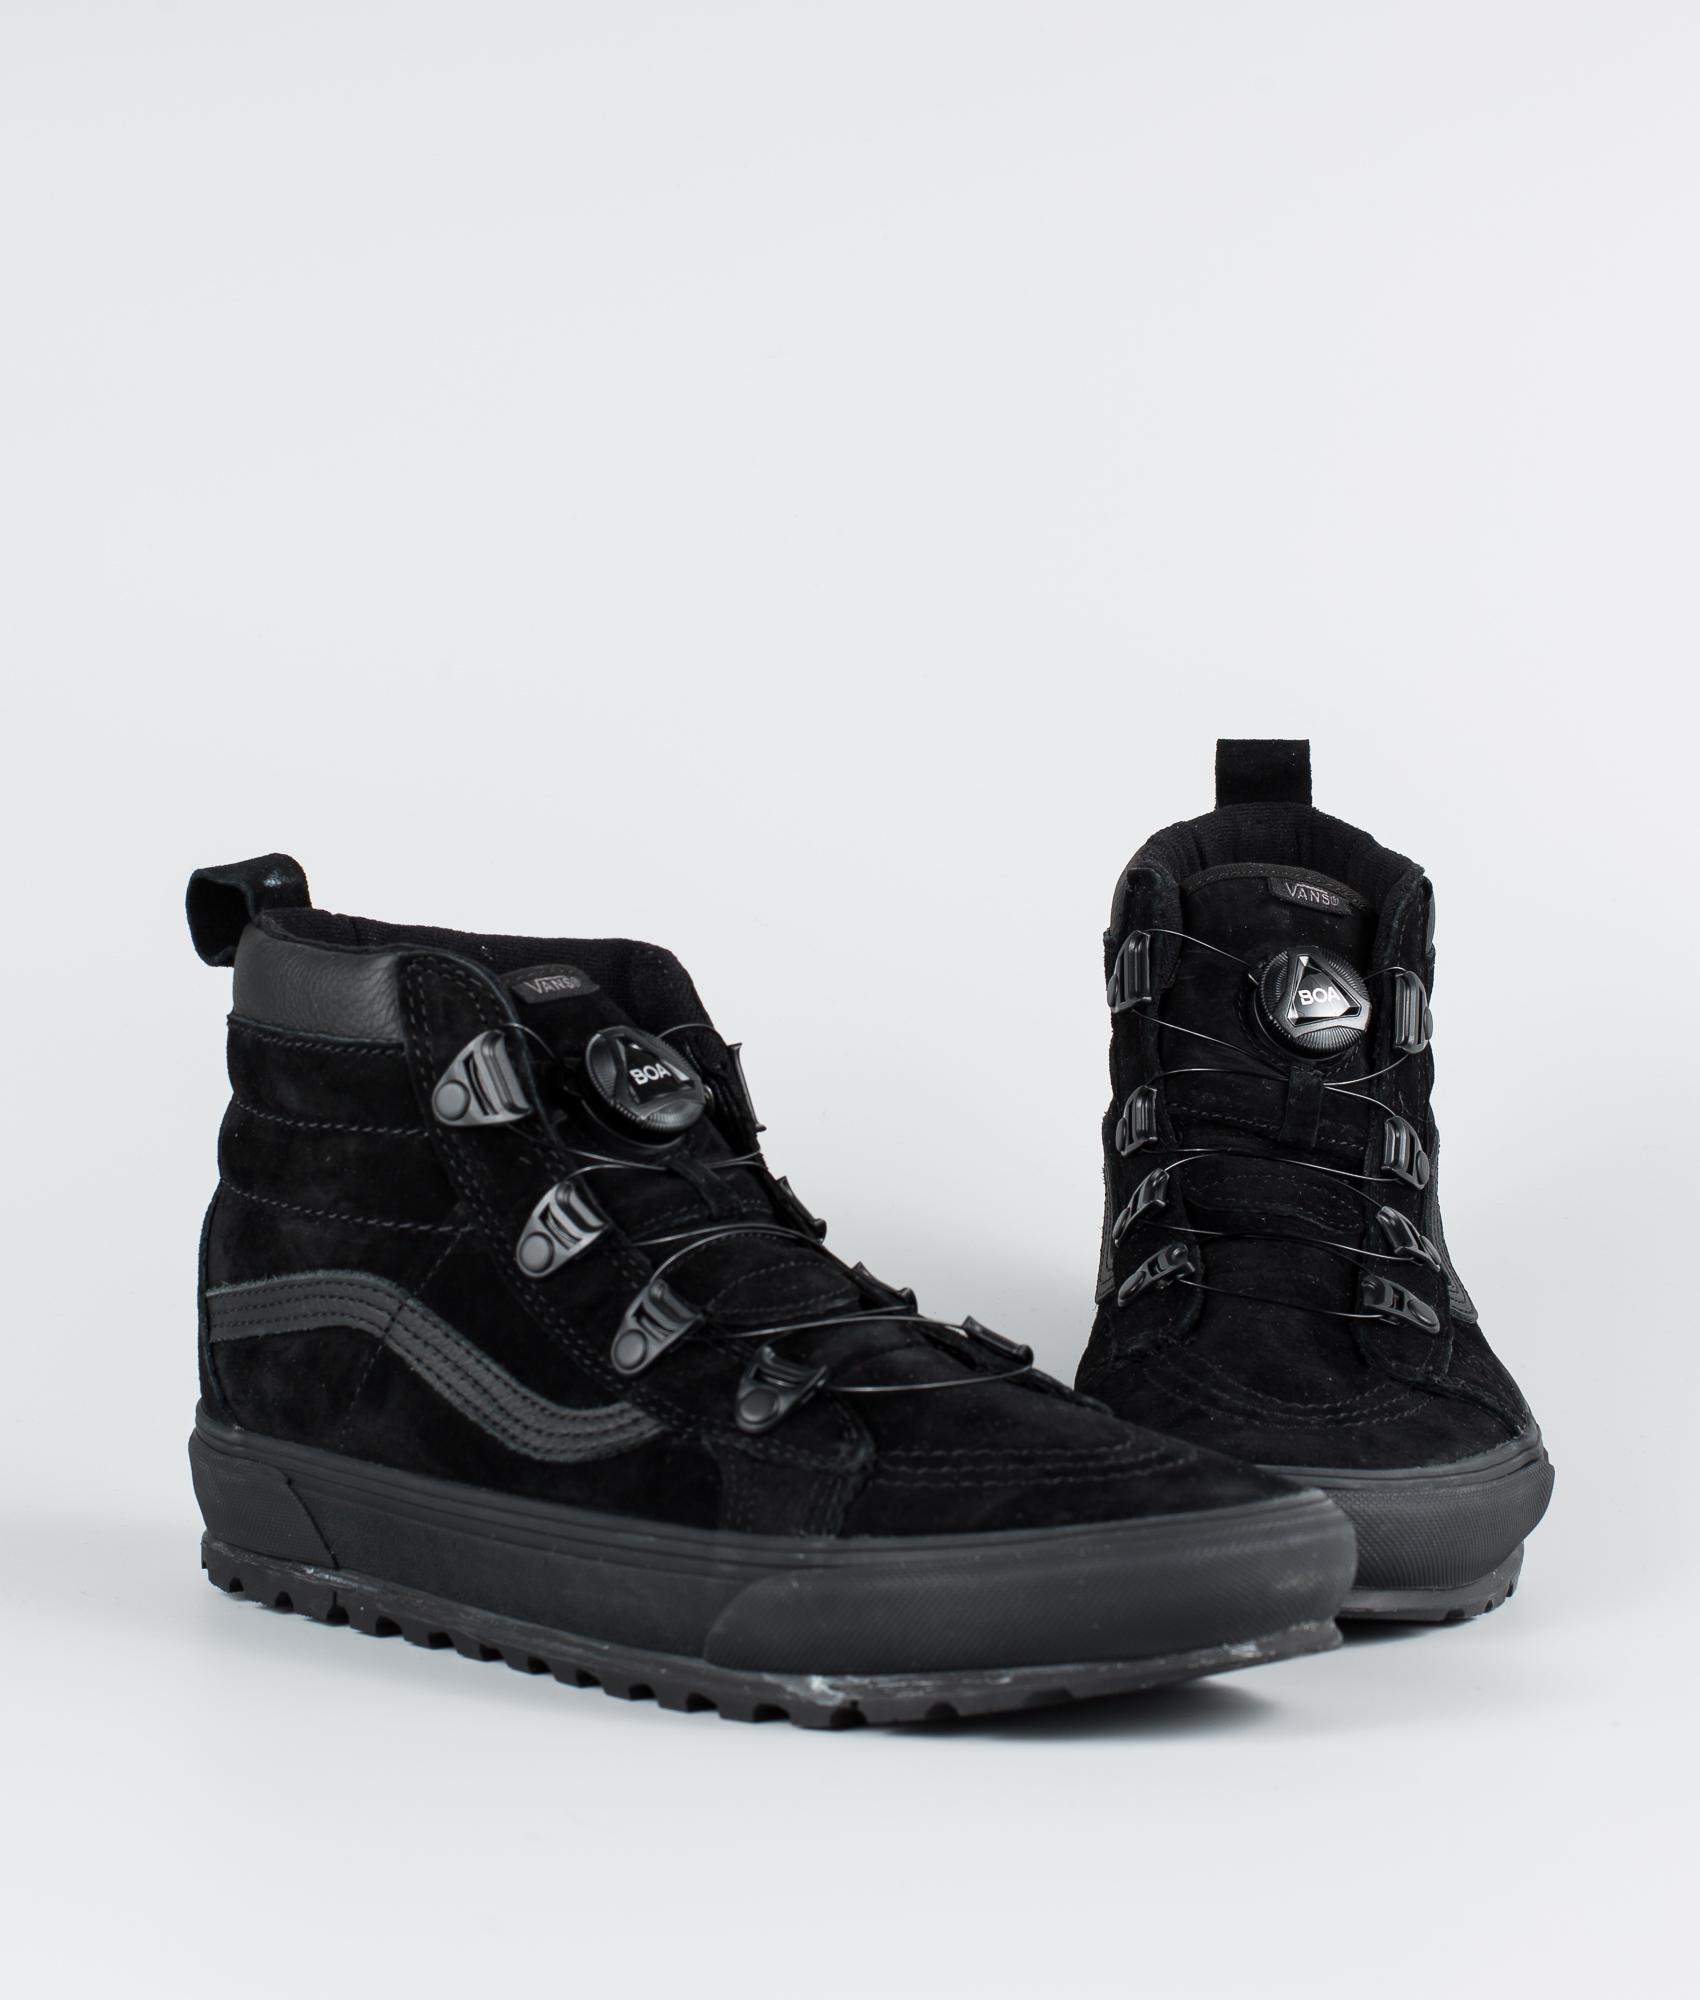 Vans Sk8-Hi Mte Boa Shoes (Mte) Black